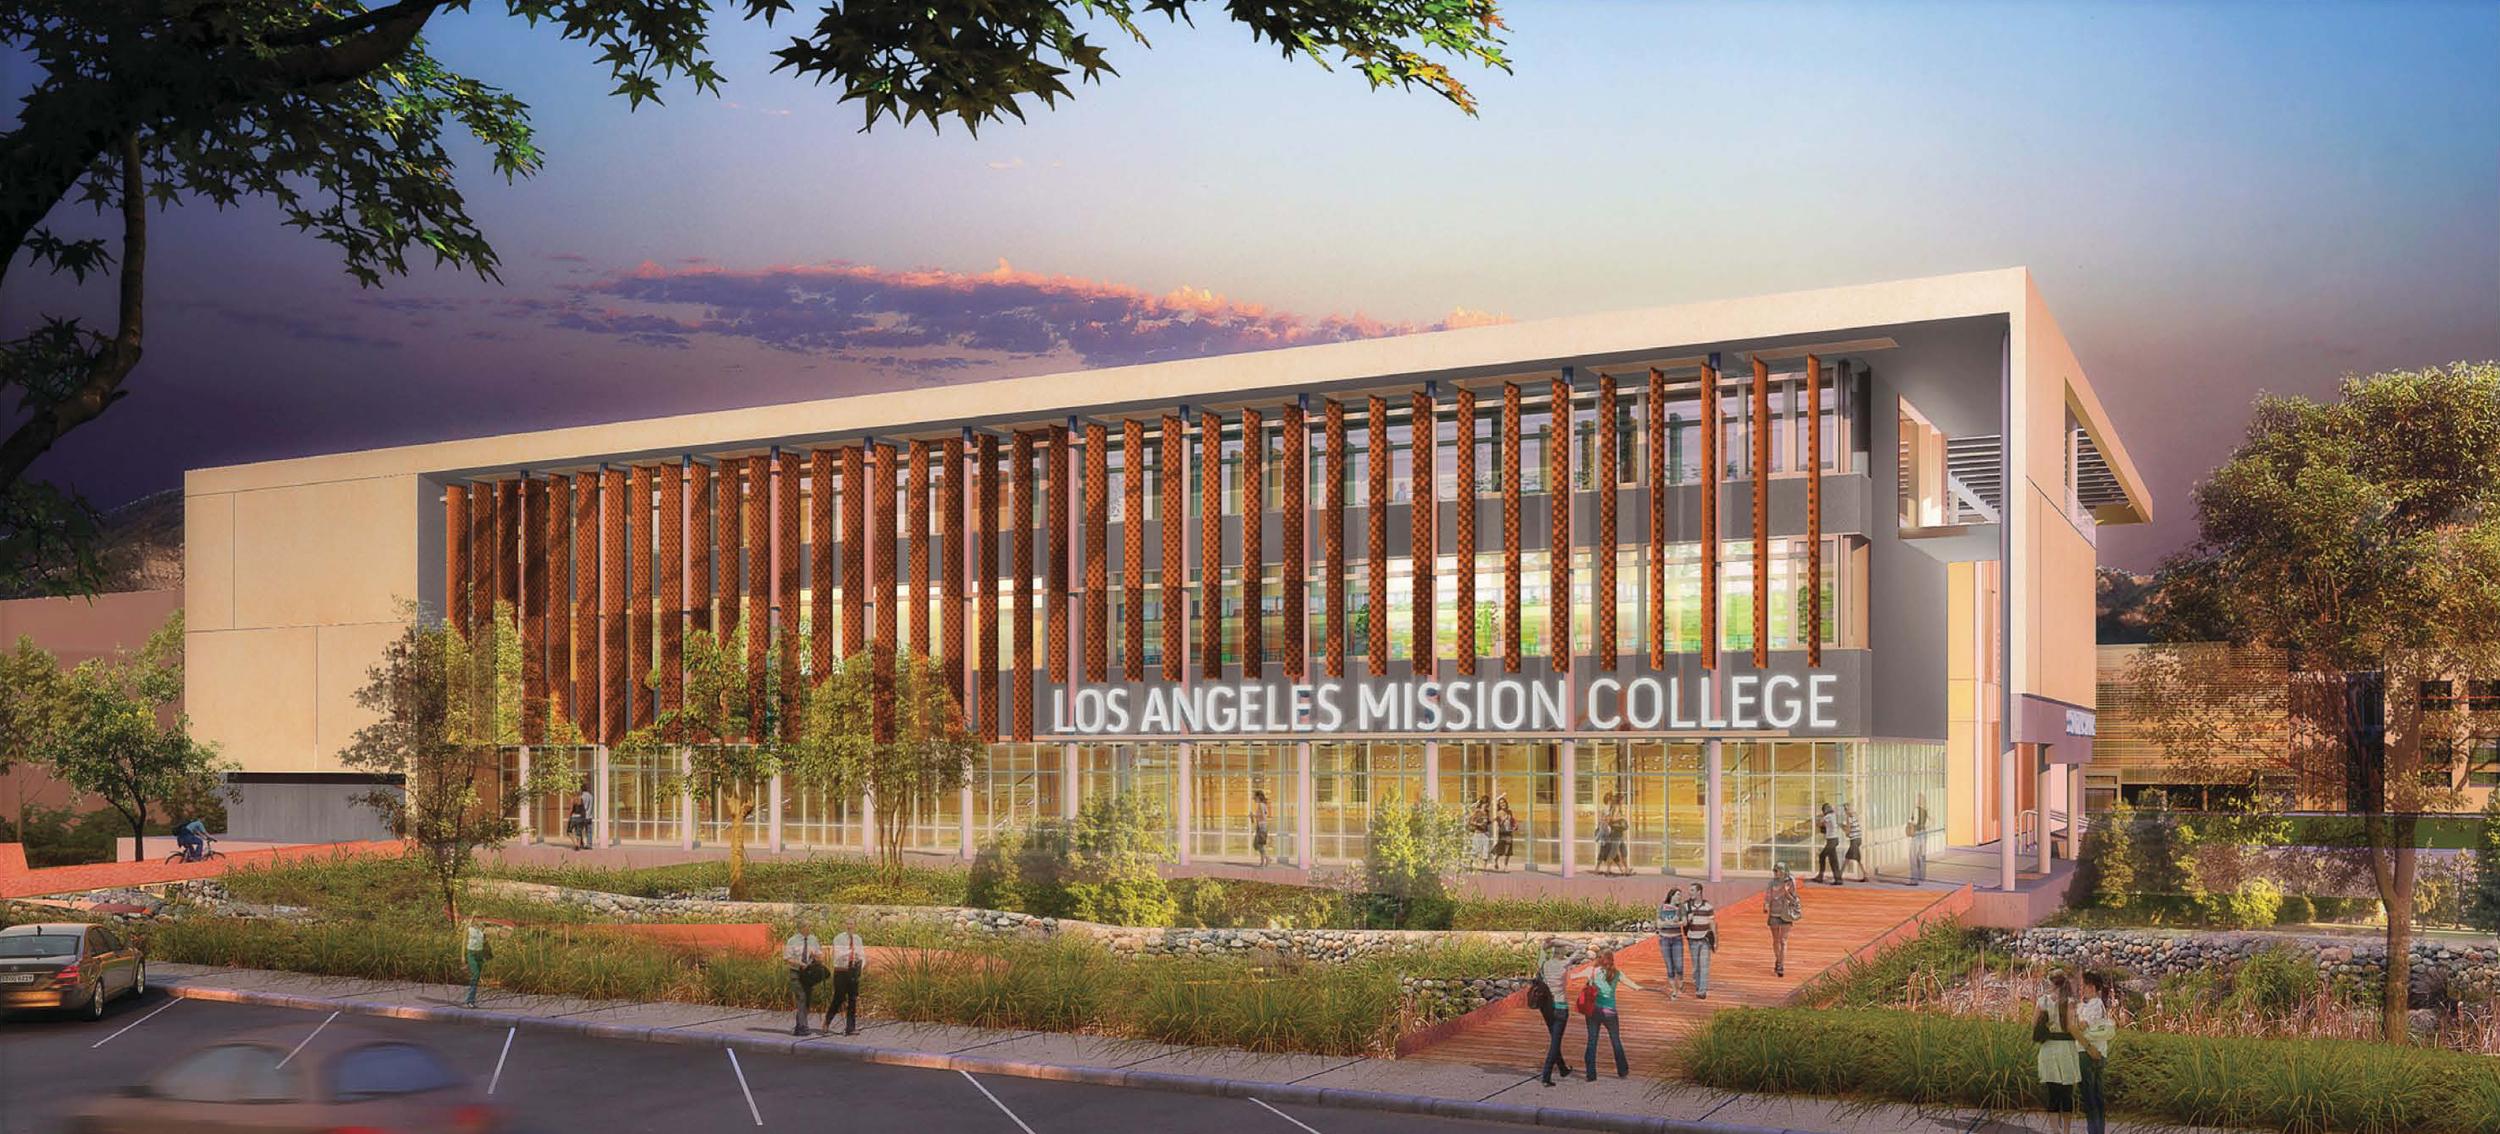 LA Mission College Student Services Center Building Program